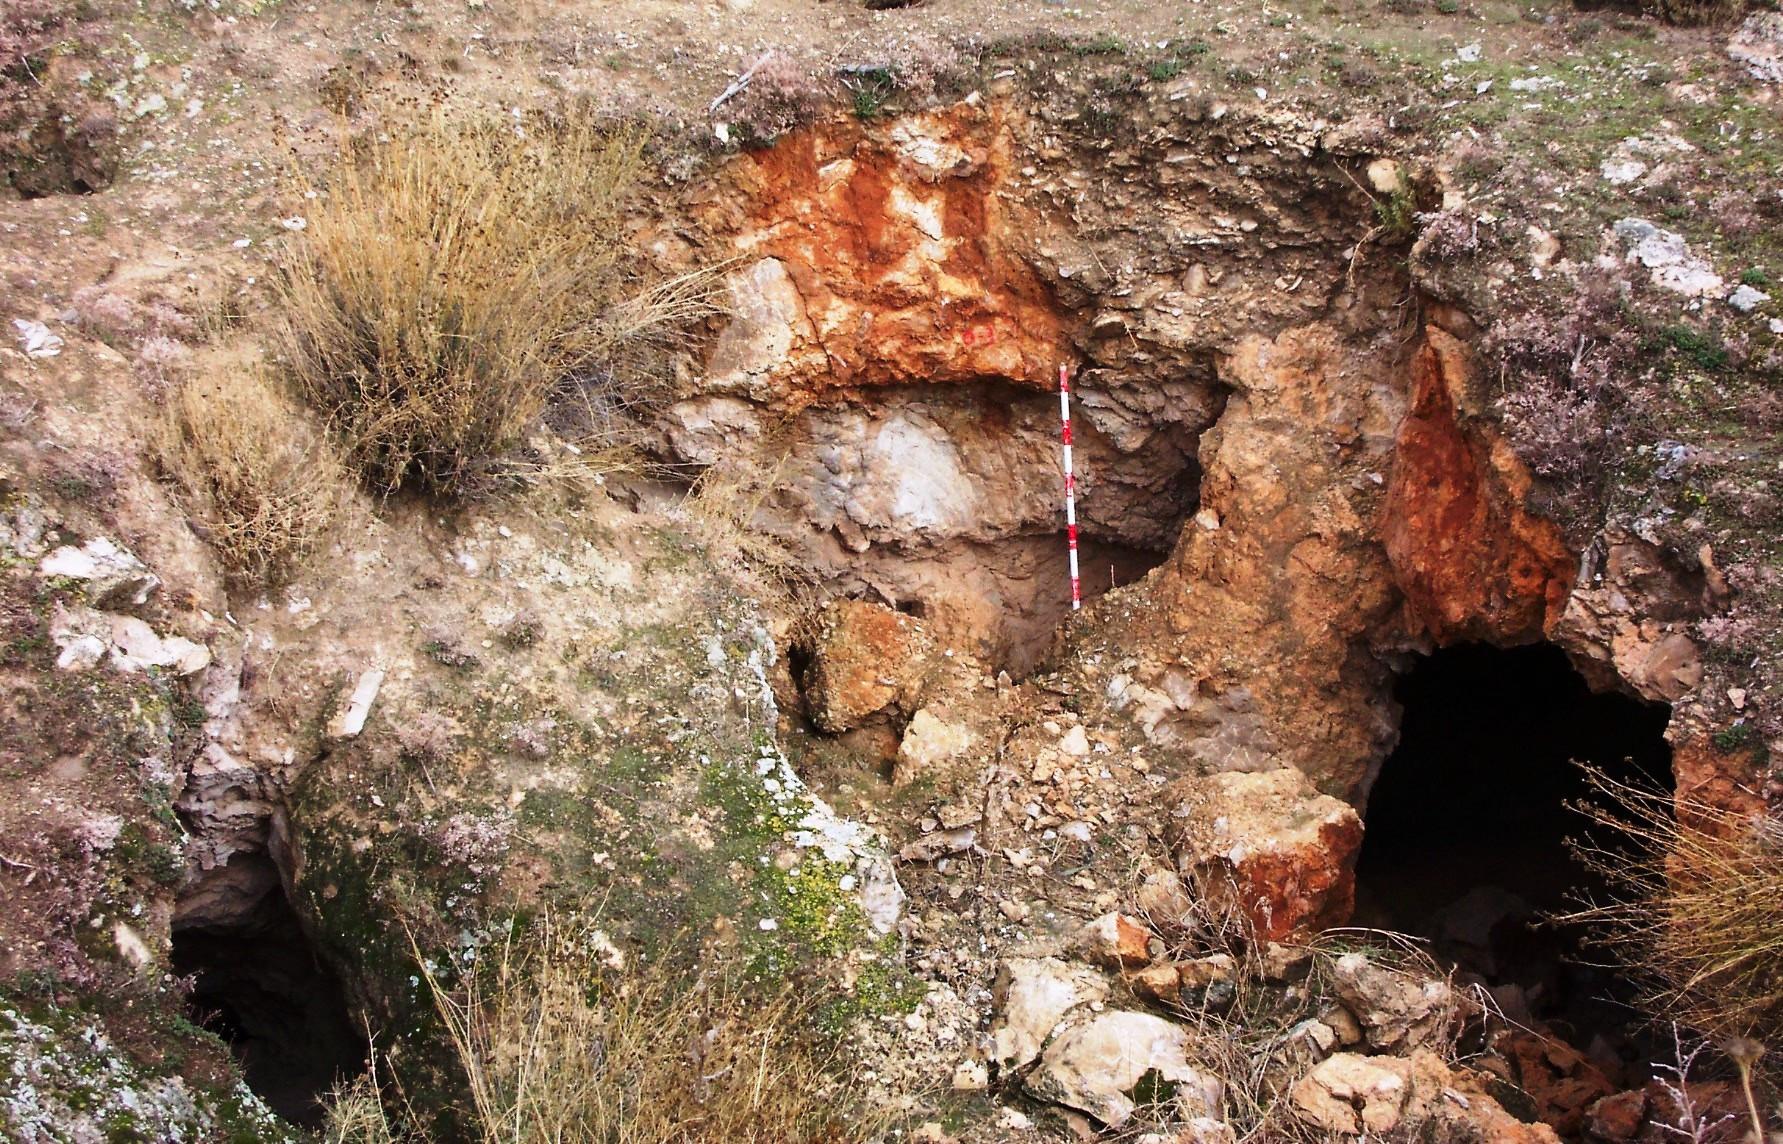 Hundimientos del terreno que dejan al descubierto nuevas zonas mineras